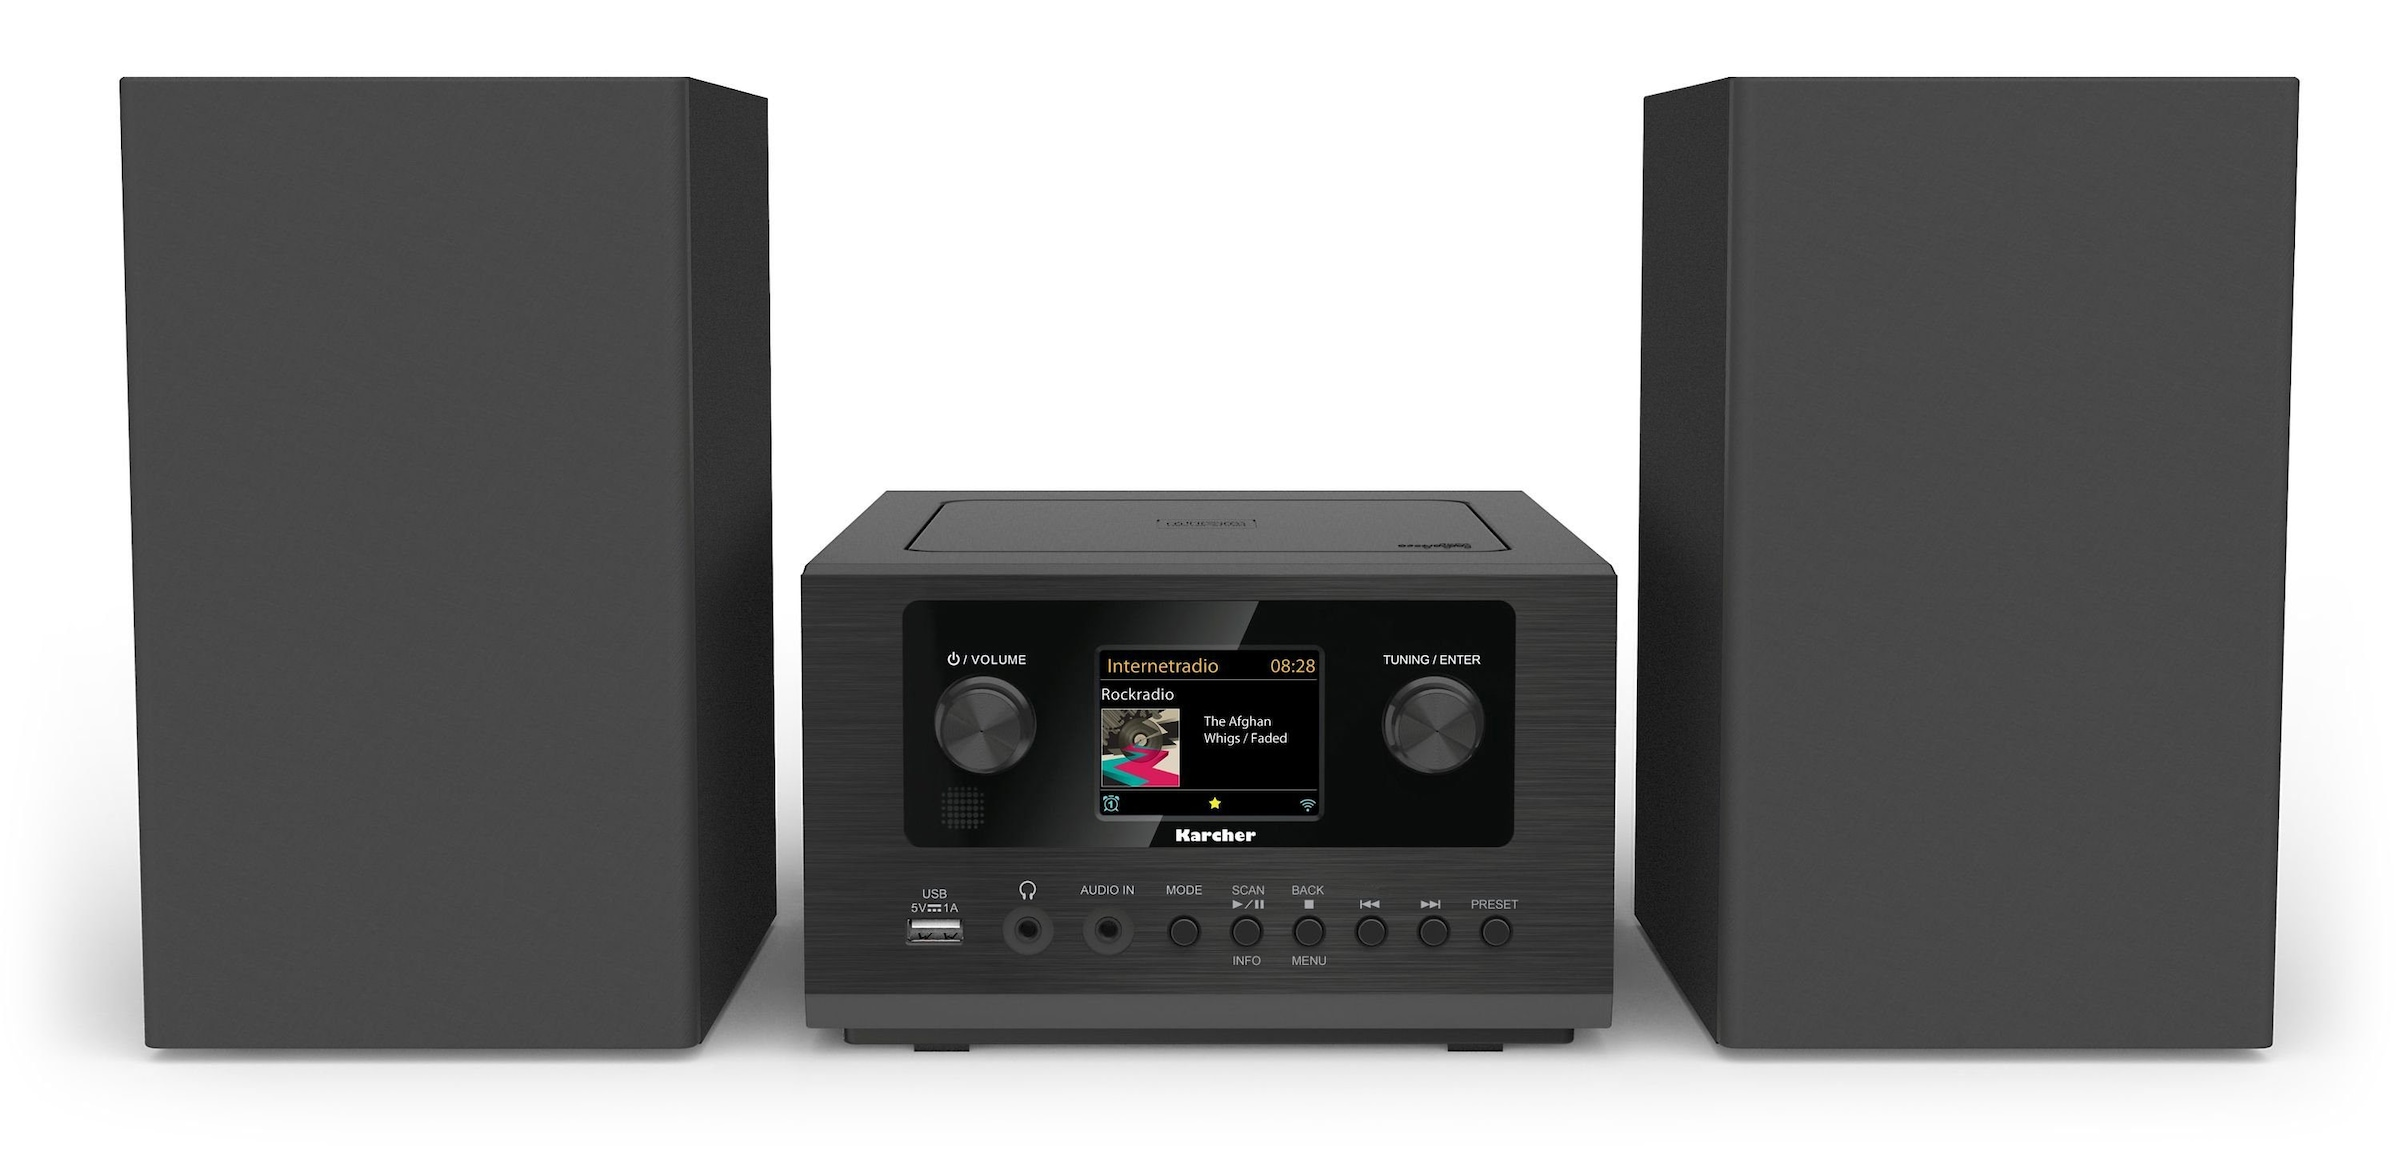 Unterhaltungselektronik Schnelle Lieferung 20 W Bluetooth Lautsprecher Soundbar Dual 10 W 4000 Mah Drahtlose Bass Stereo Familie Sound Bar Subwoofer Heimkino Mit Mic Usb Aux Elegante Form